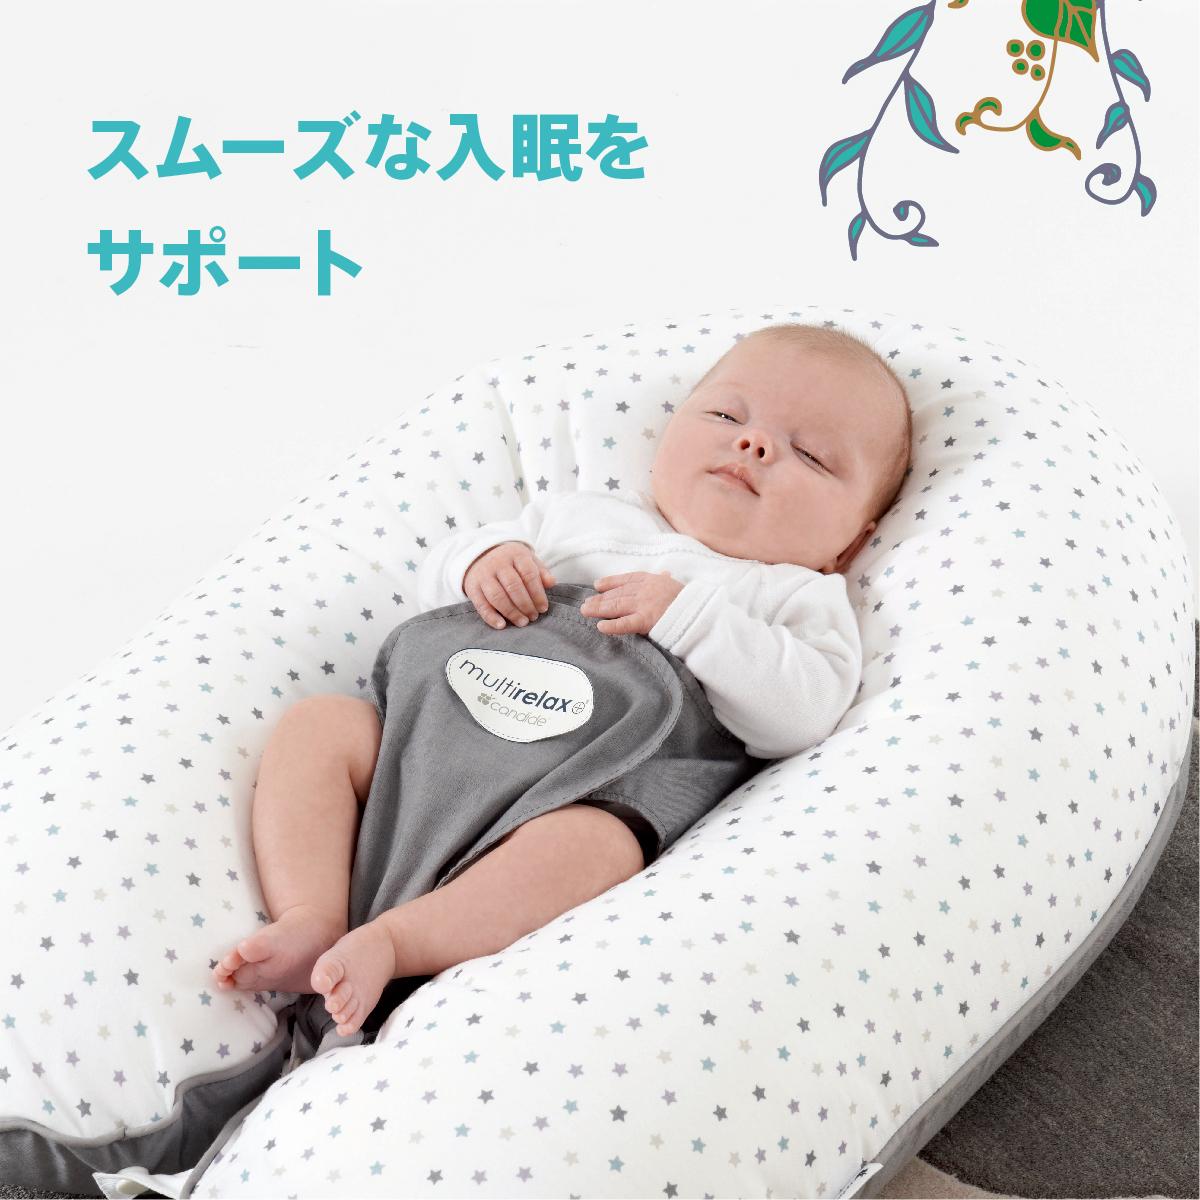 【新商品】赤ちゃんの眠りのスペシャリスト【店舗限定】